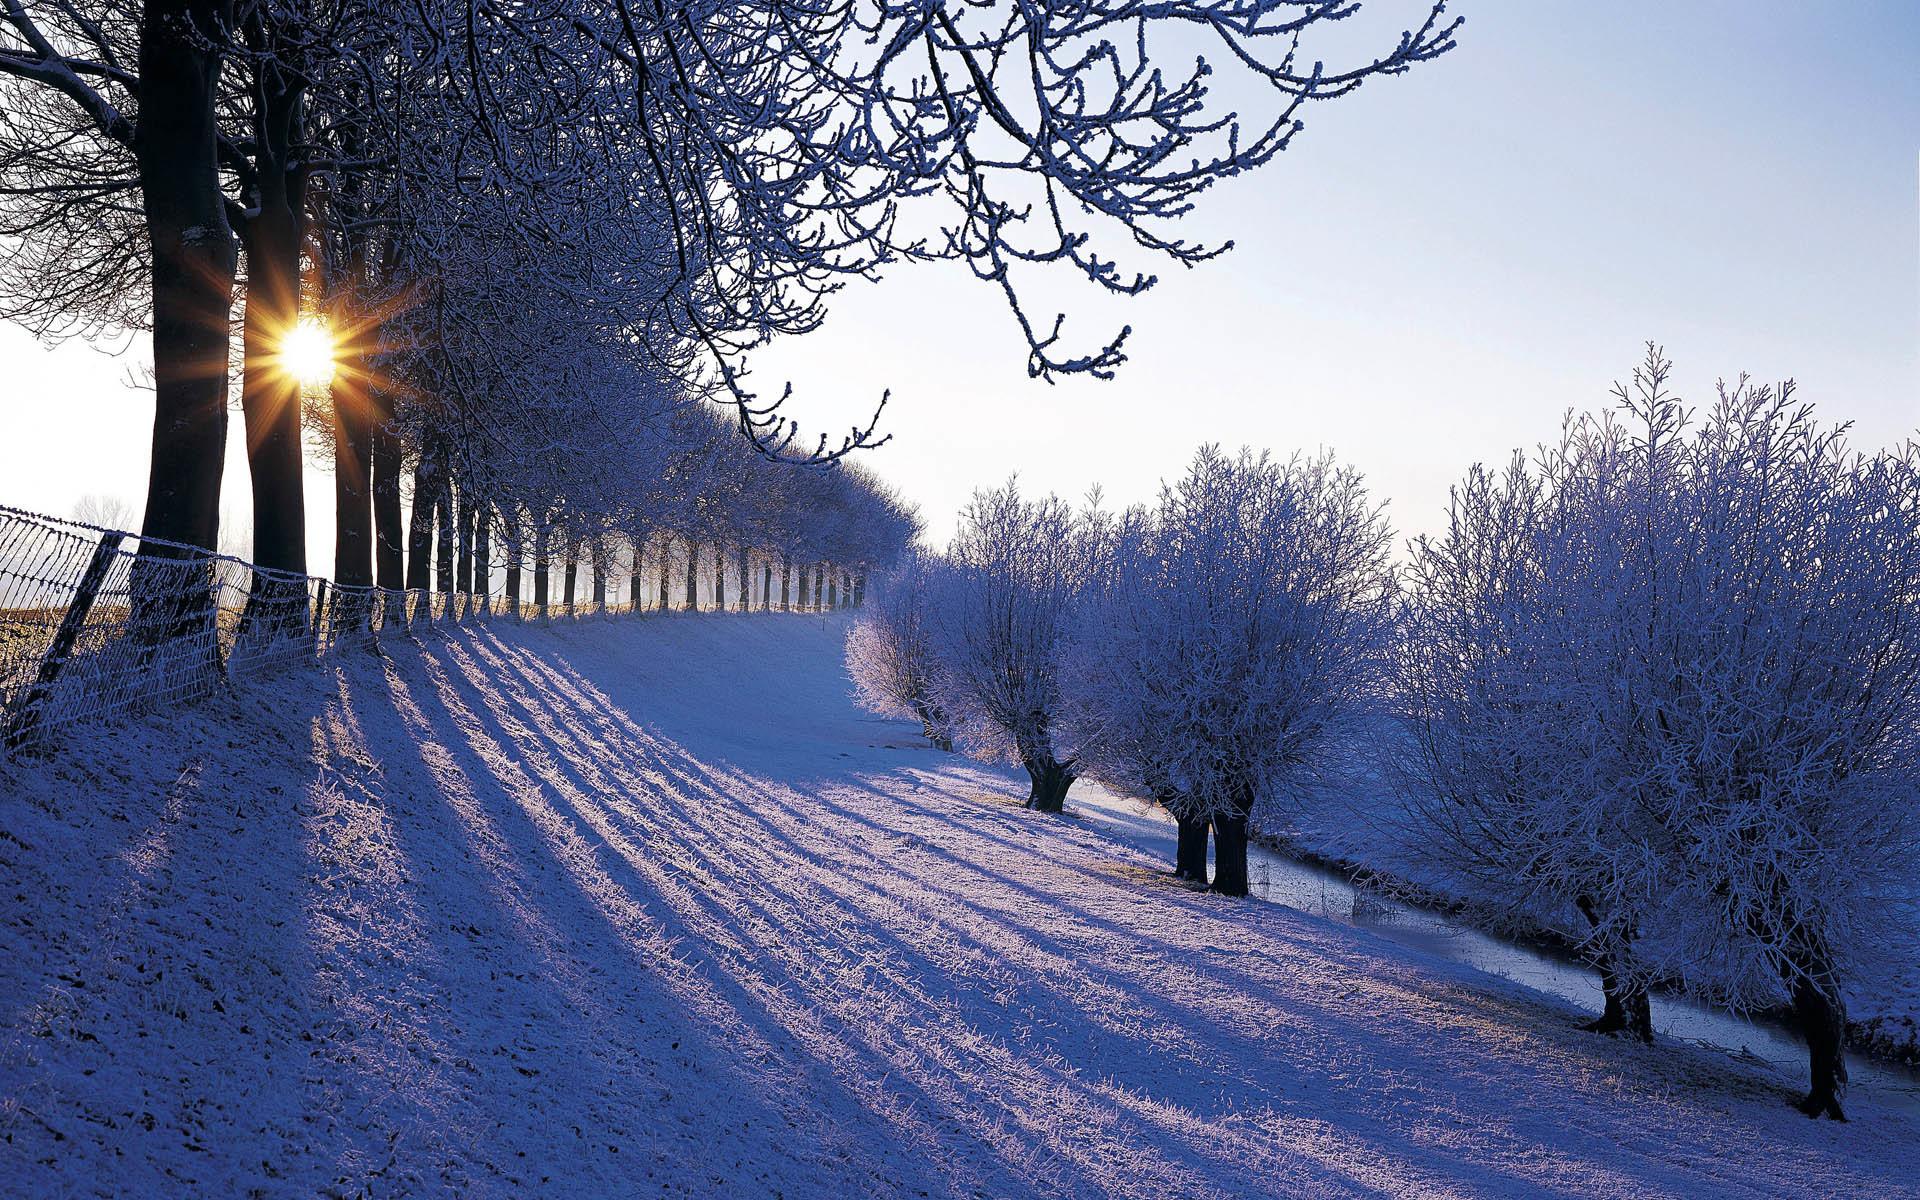 Winter Morning HD Wallpaper